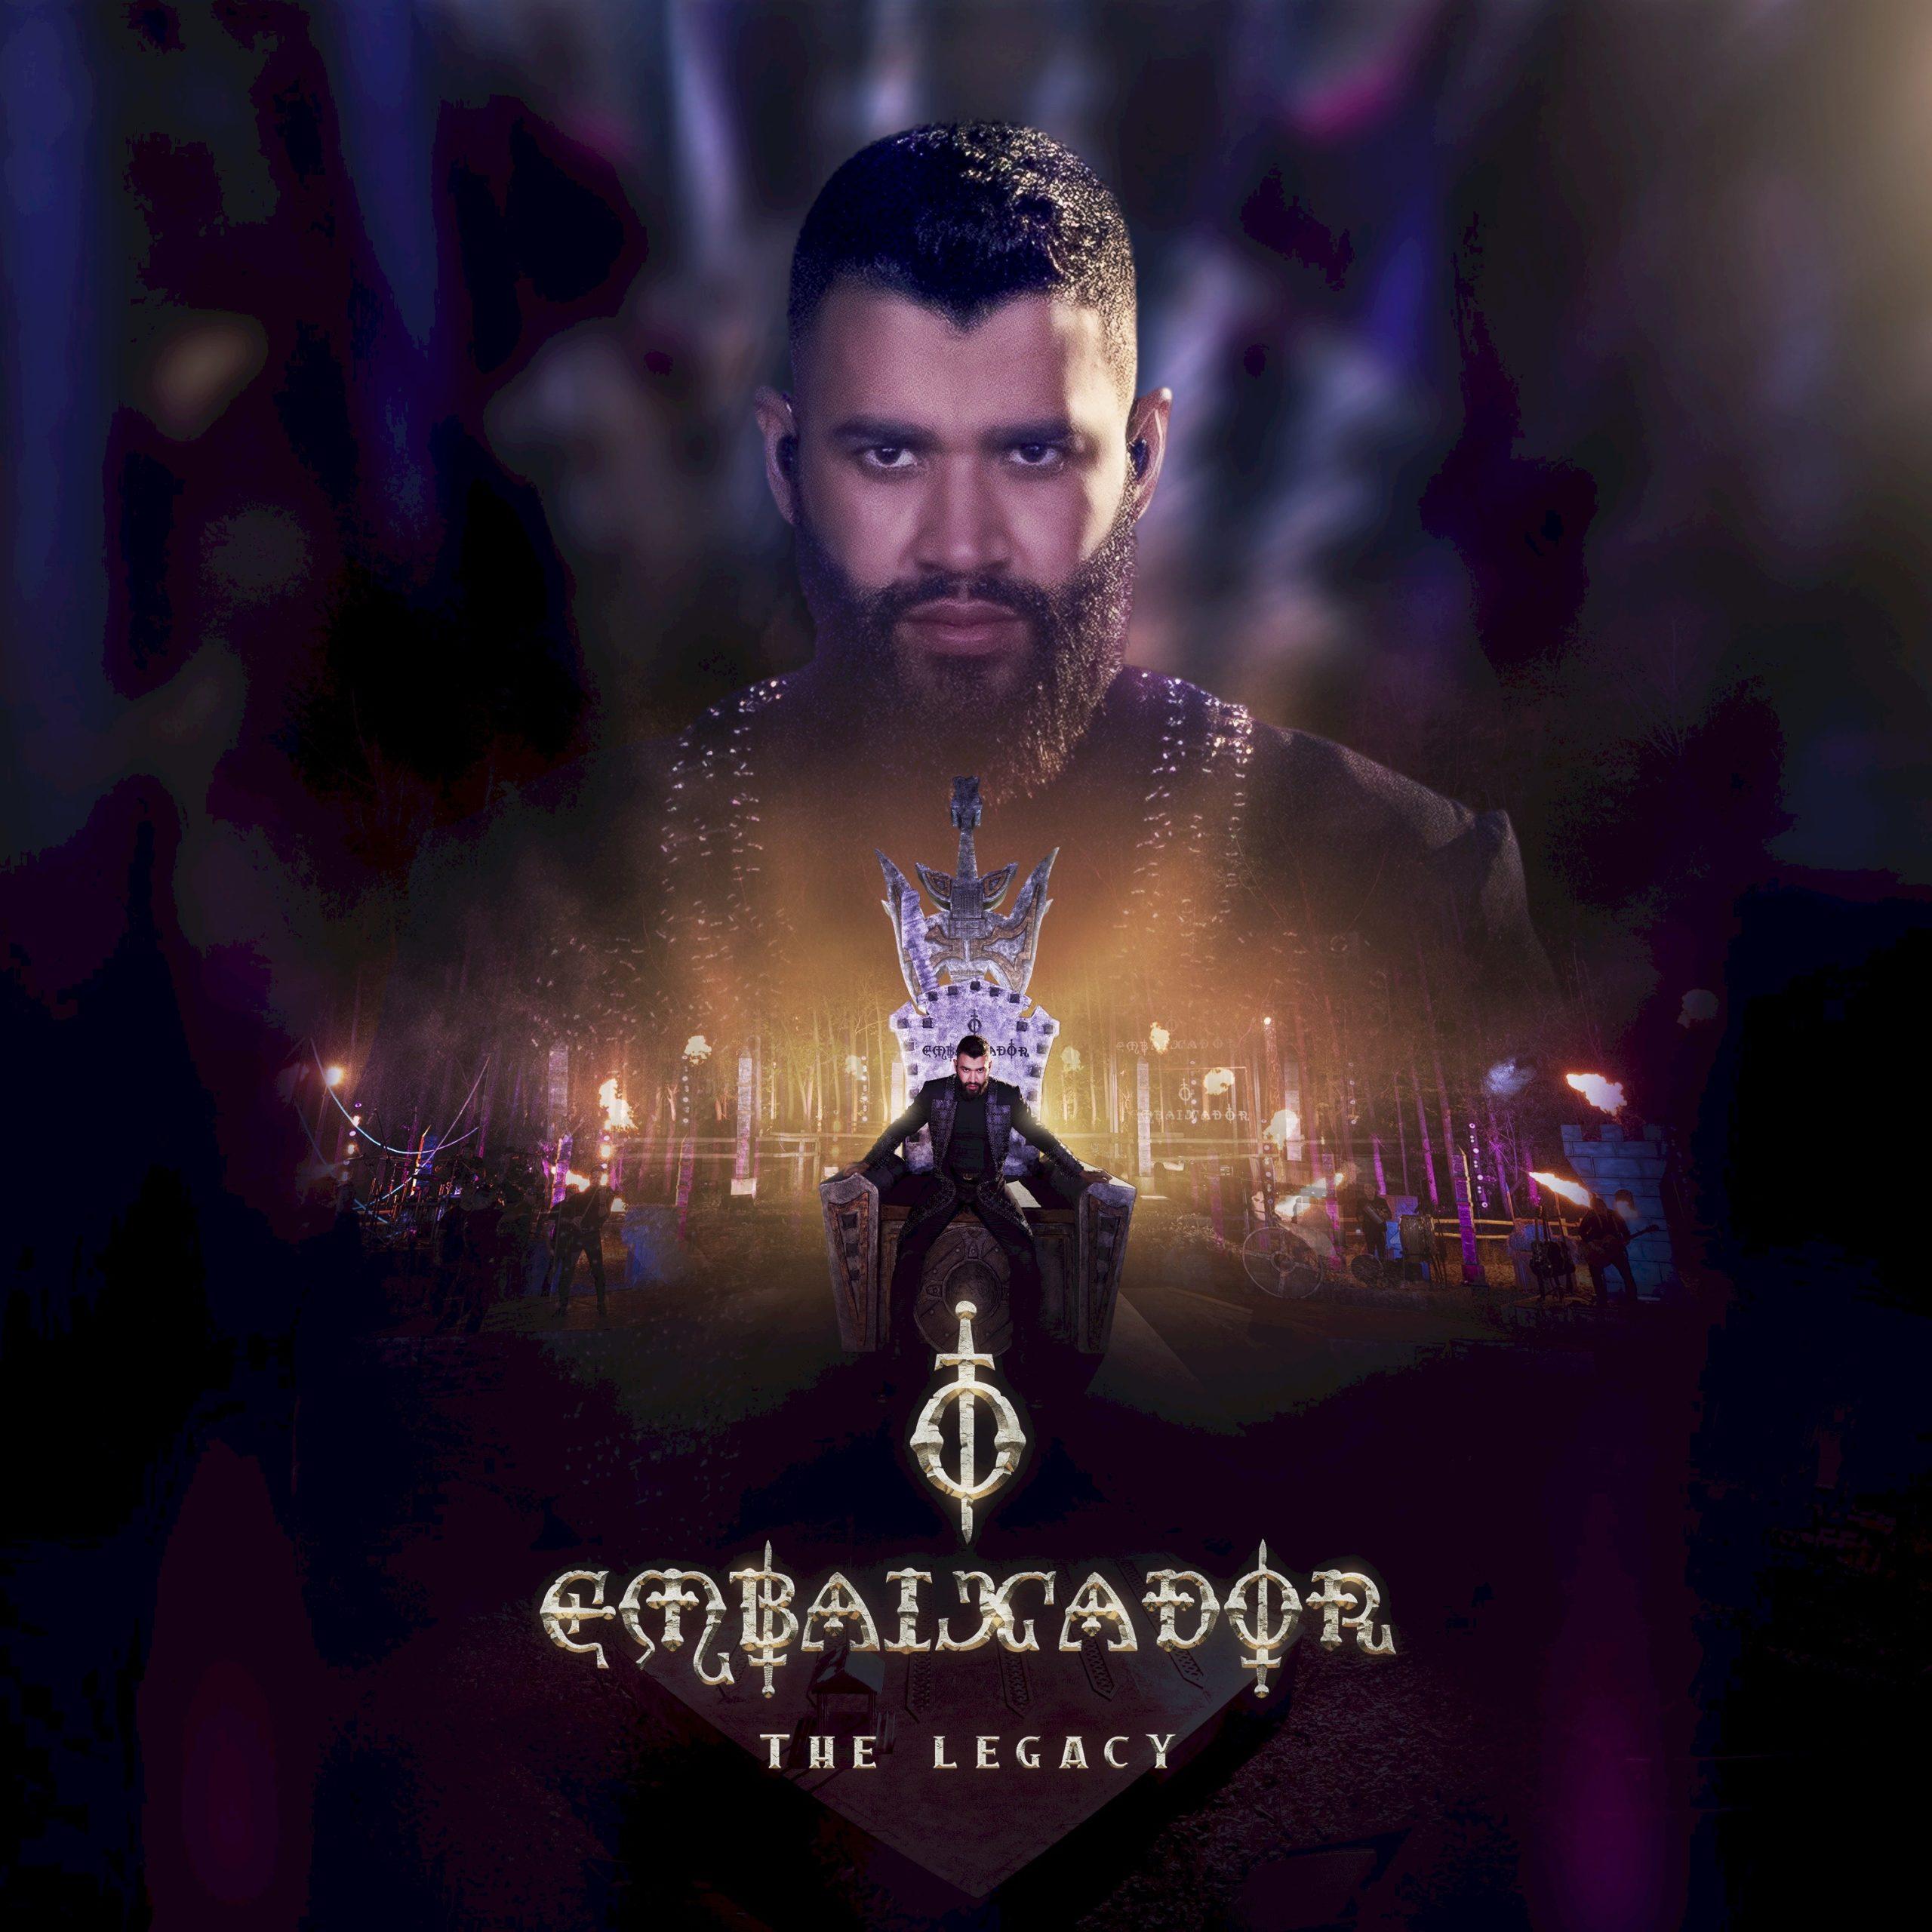 """Gusttavo Lima lança oficialmente o álbum """"O Embaixador The Legacy"""""""